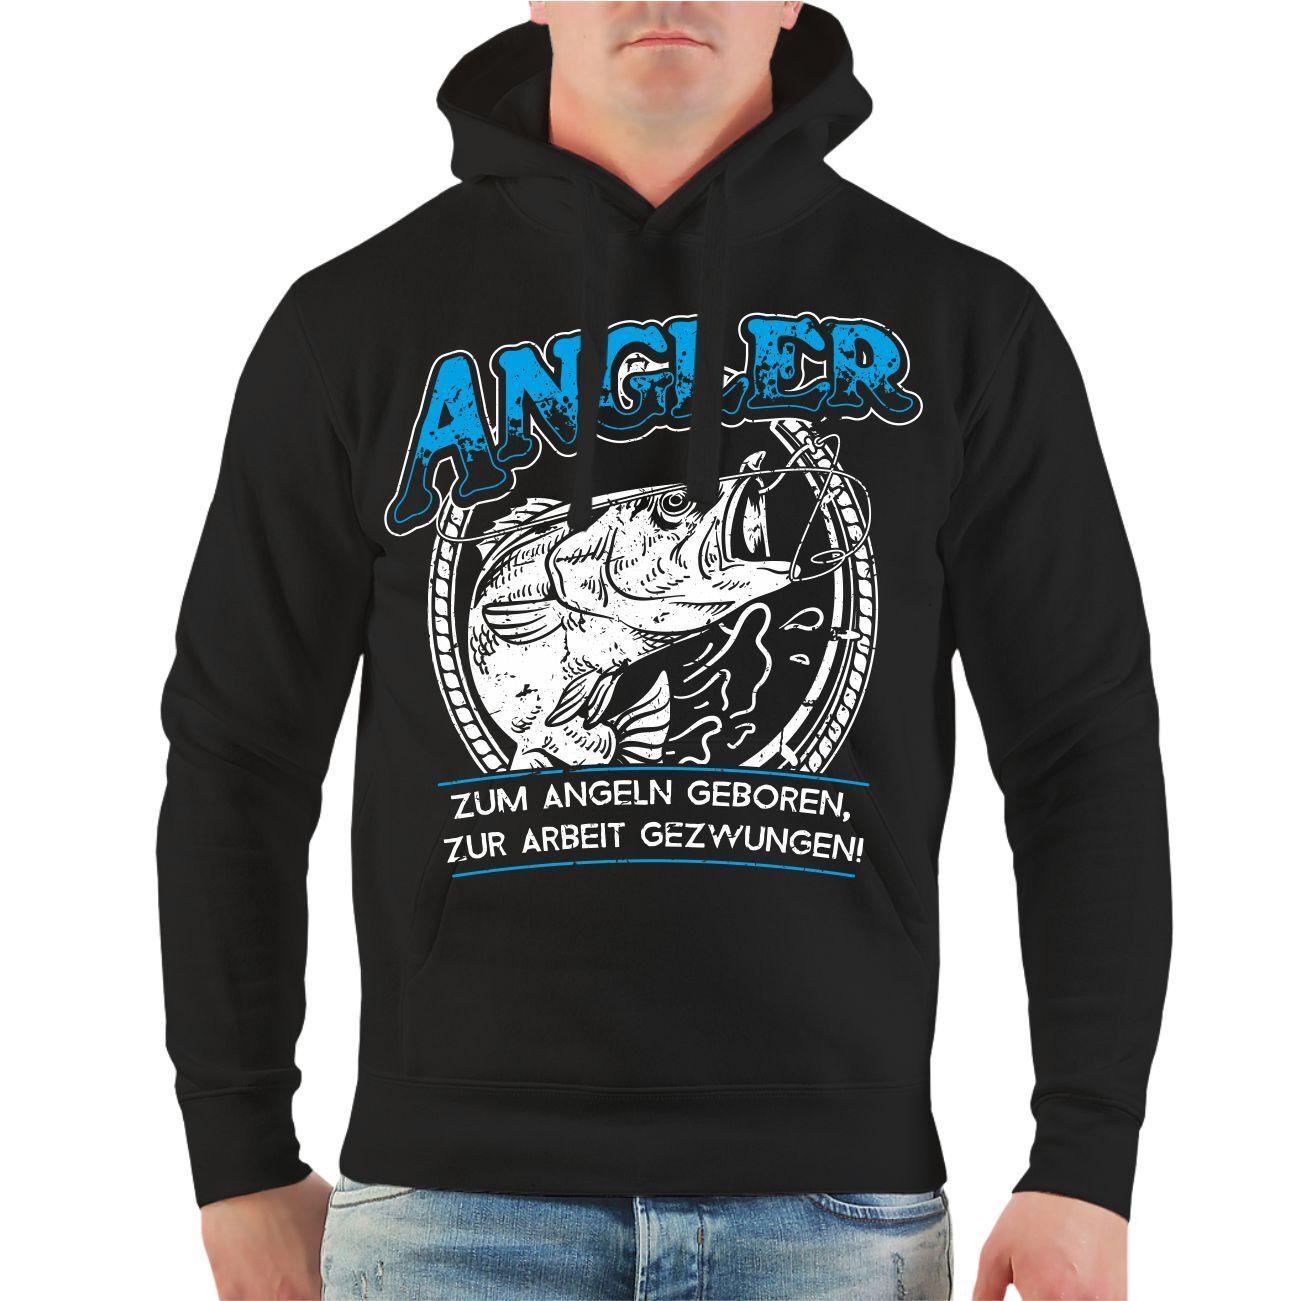 Zum Angeln geboren.... Kapuzenshirt S-2XL Fischen Angeln Sport Fun